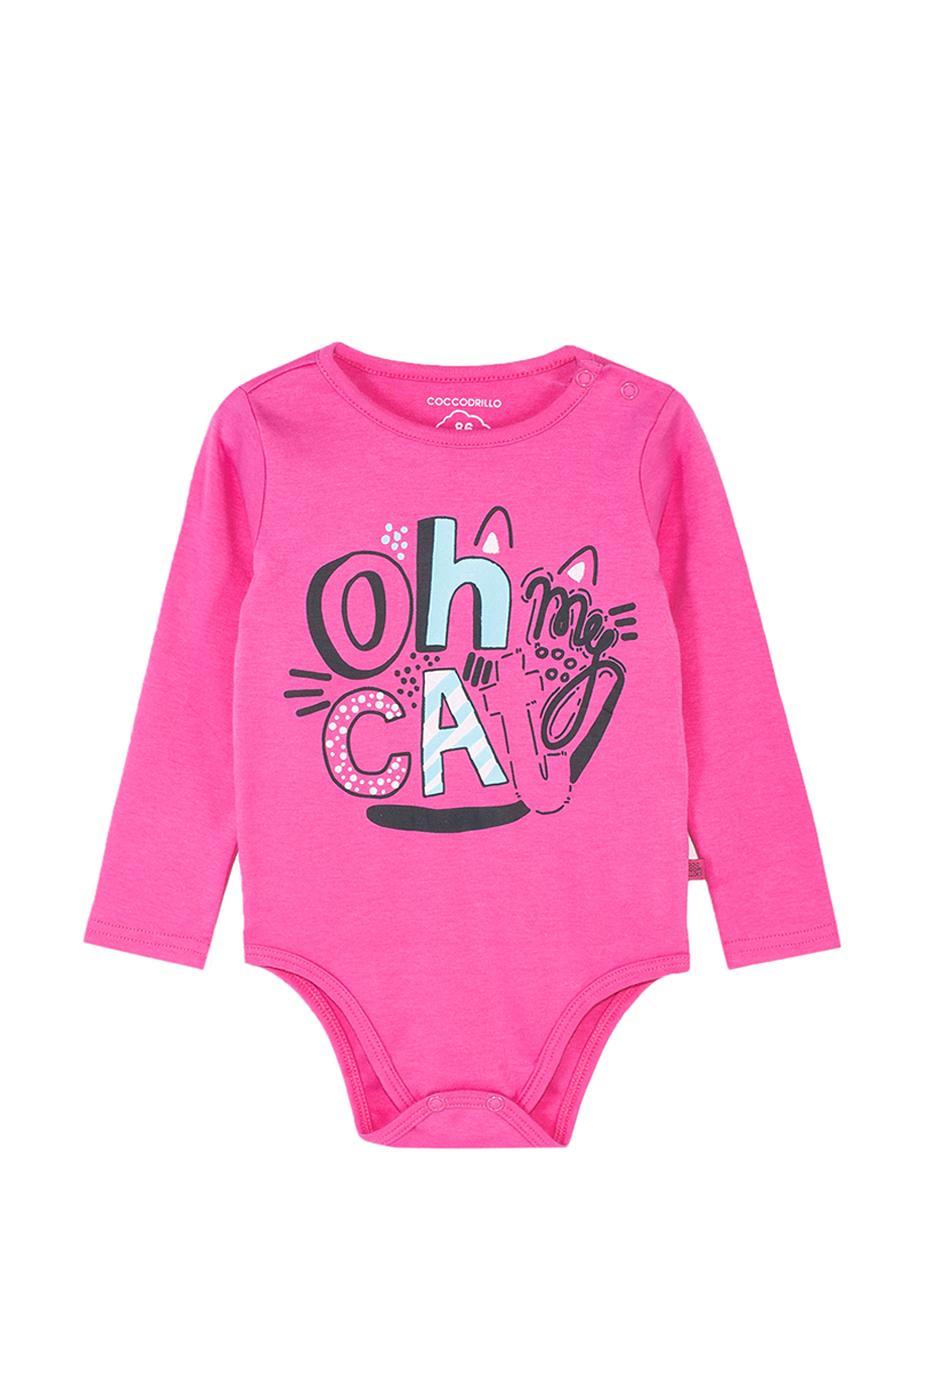 Купить Z19412103UNI, Боди для девочки Coccodrillo, 80 р-р, цв.розовый, Боди для новорожденных